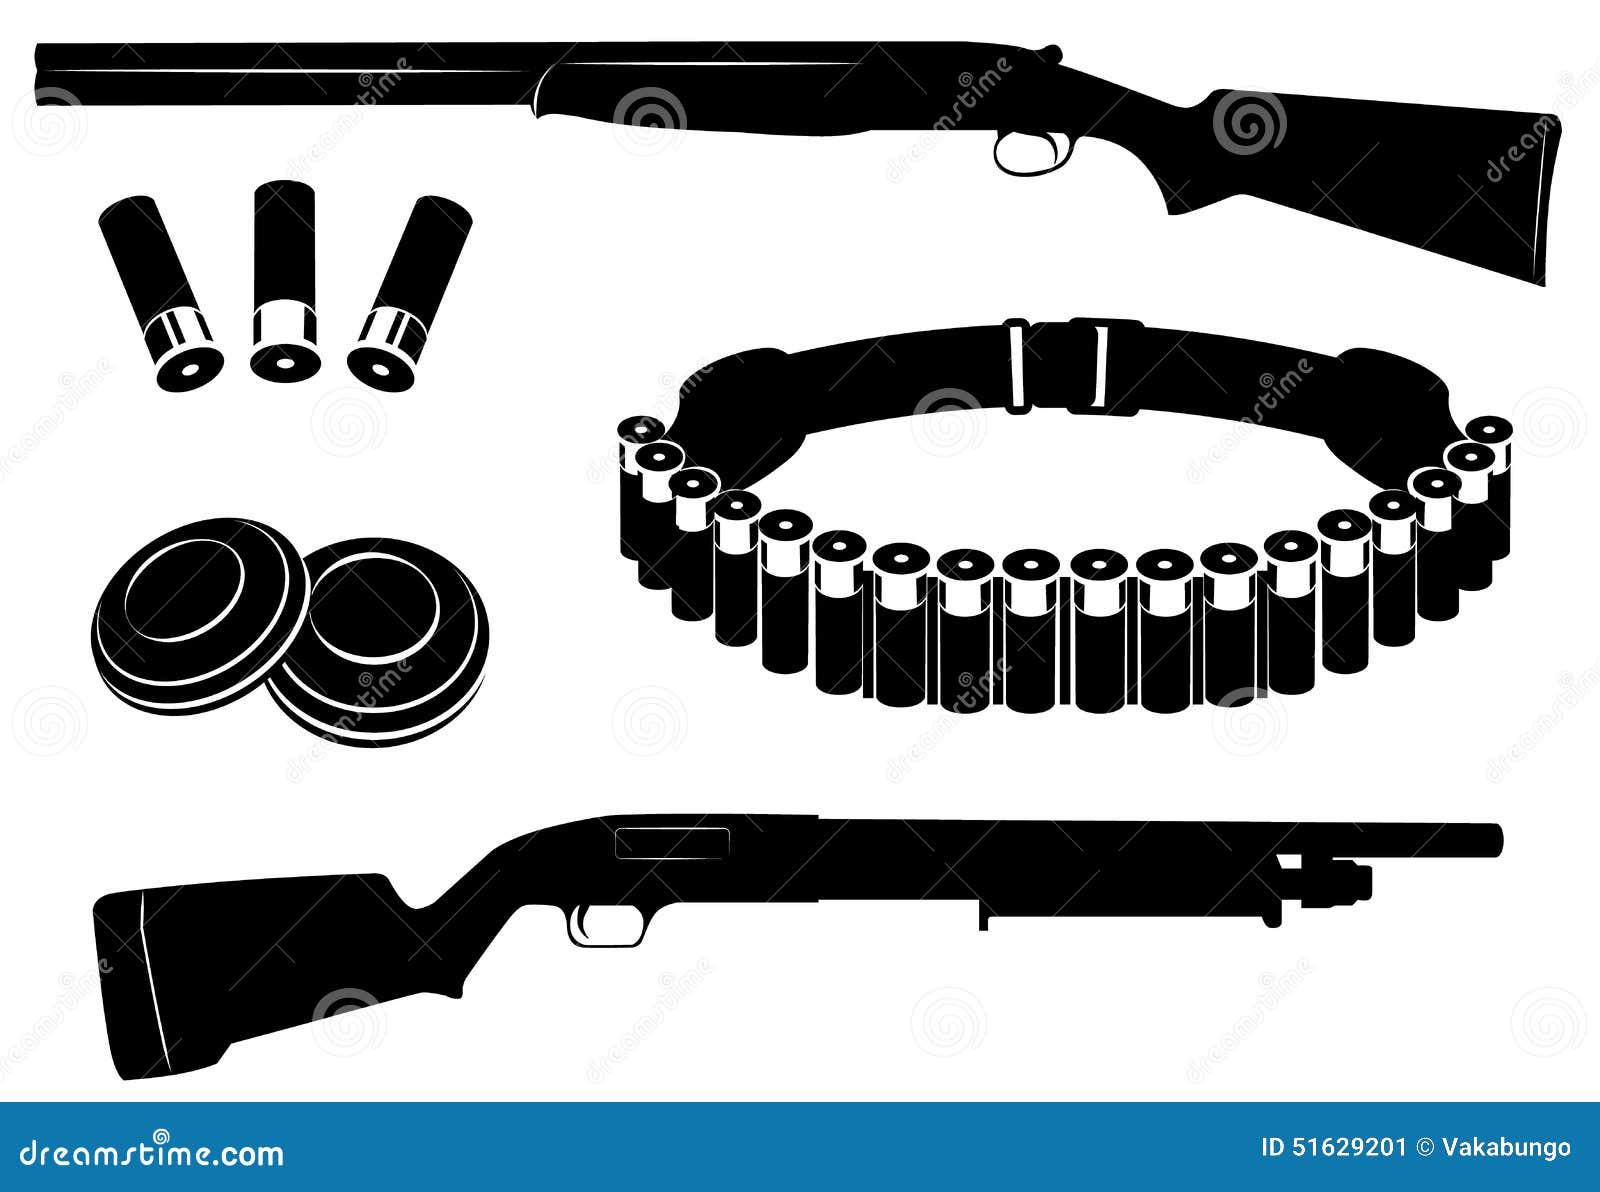 Ensemble de fusil de chasse et d 39 quipement de chasse - Equipement de chasse ...